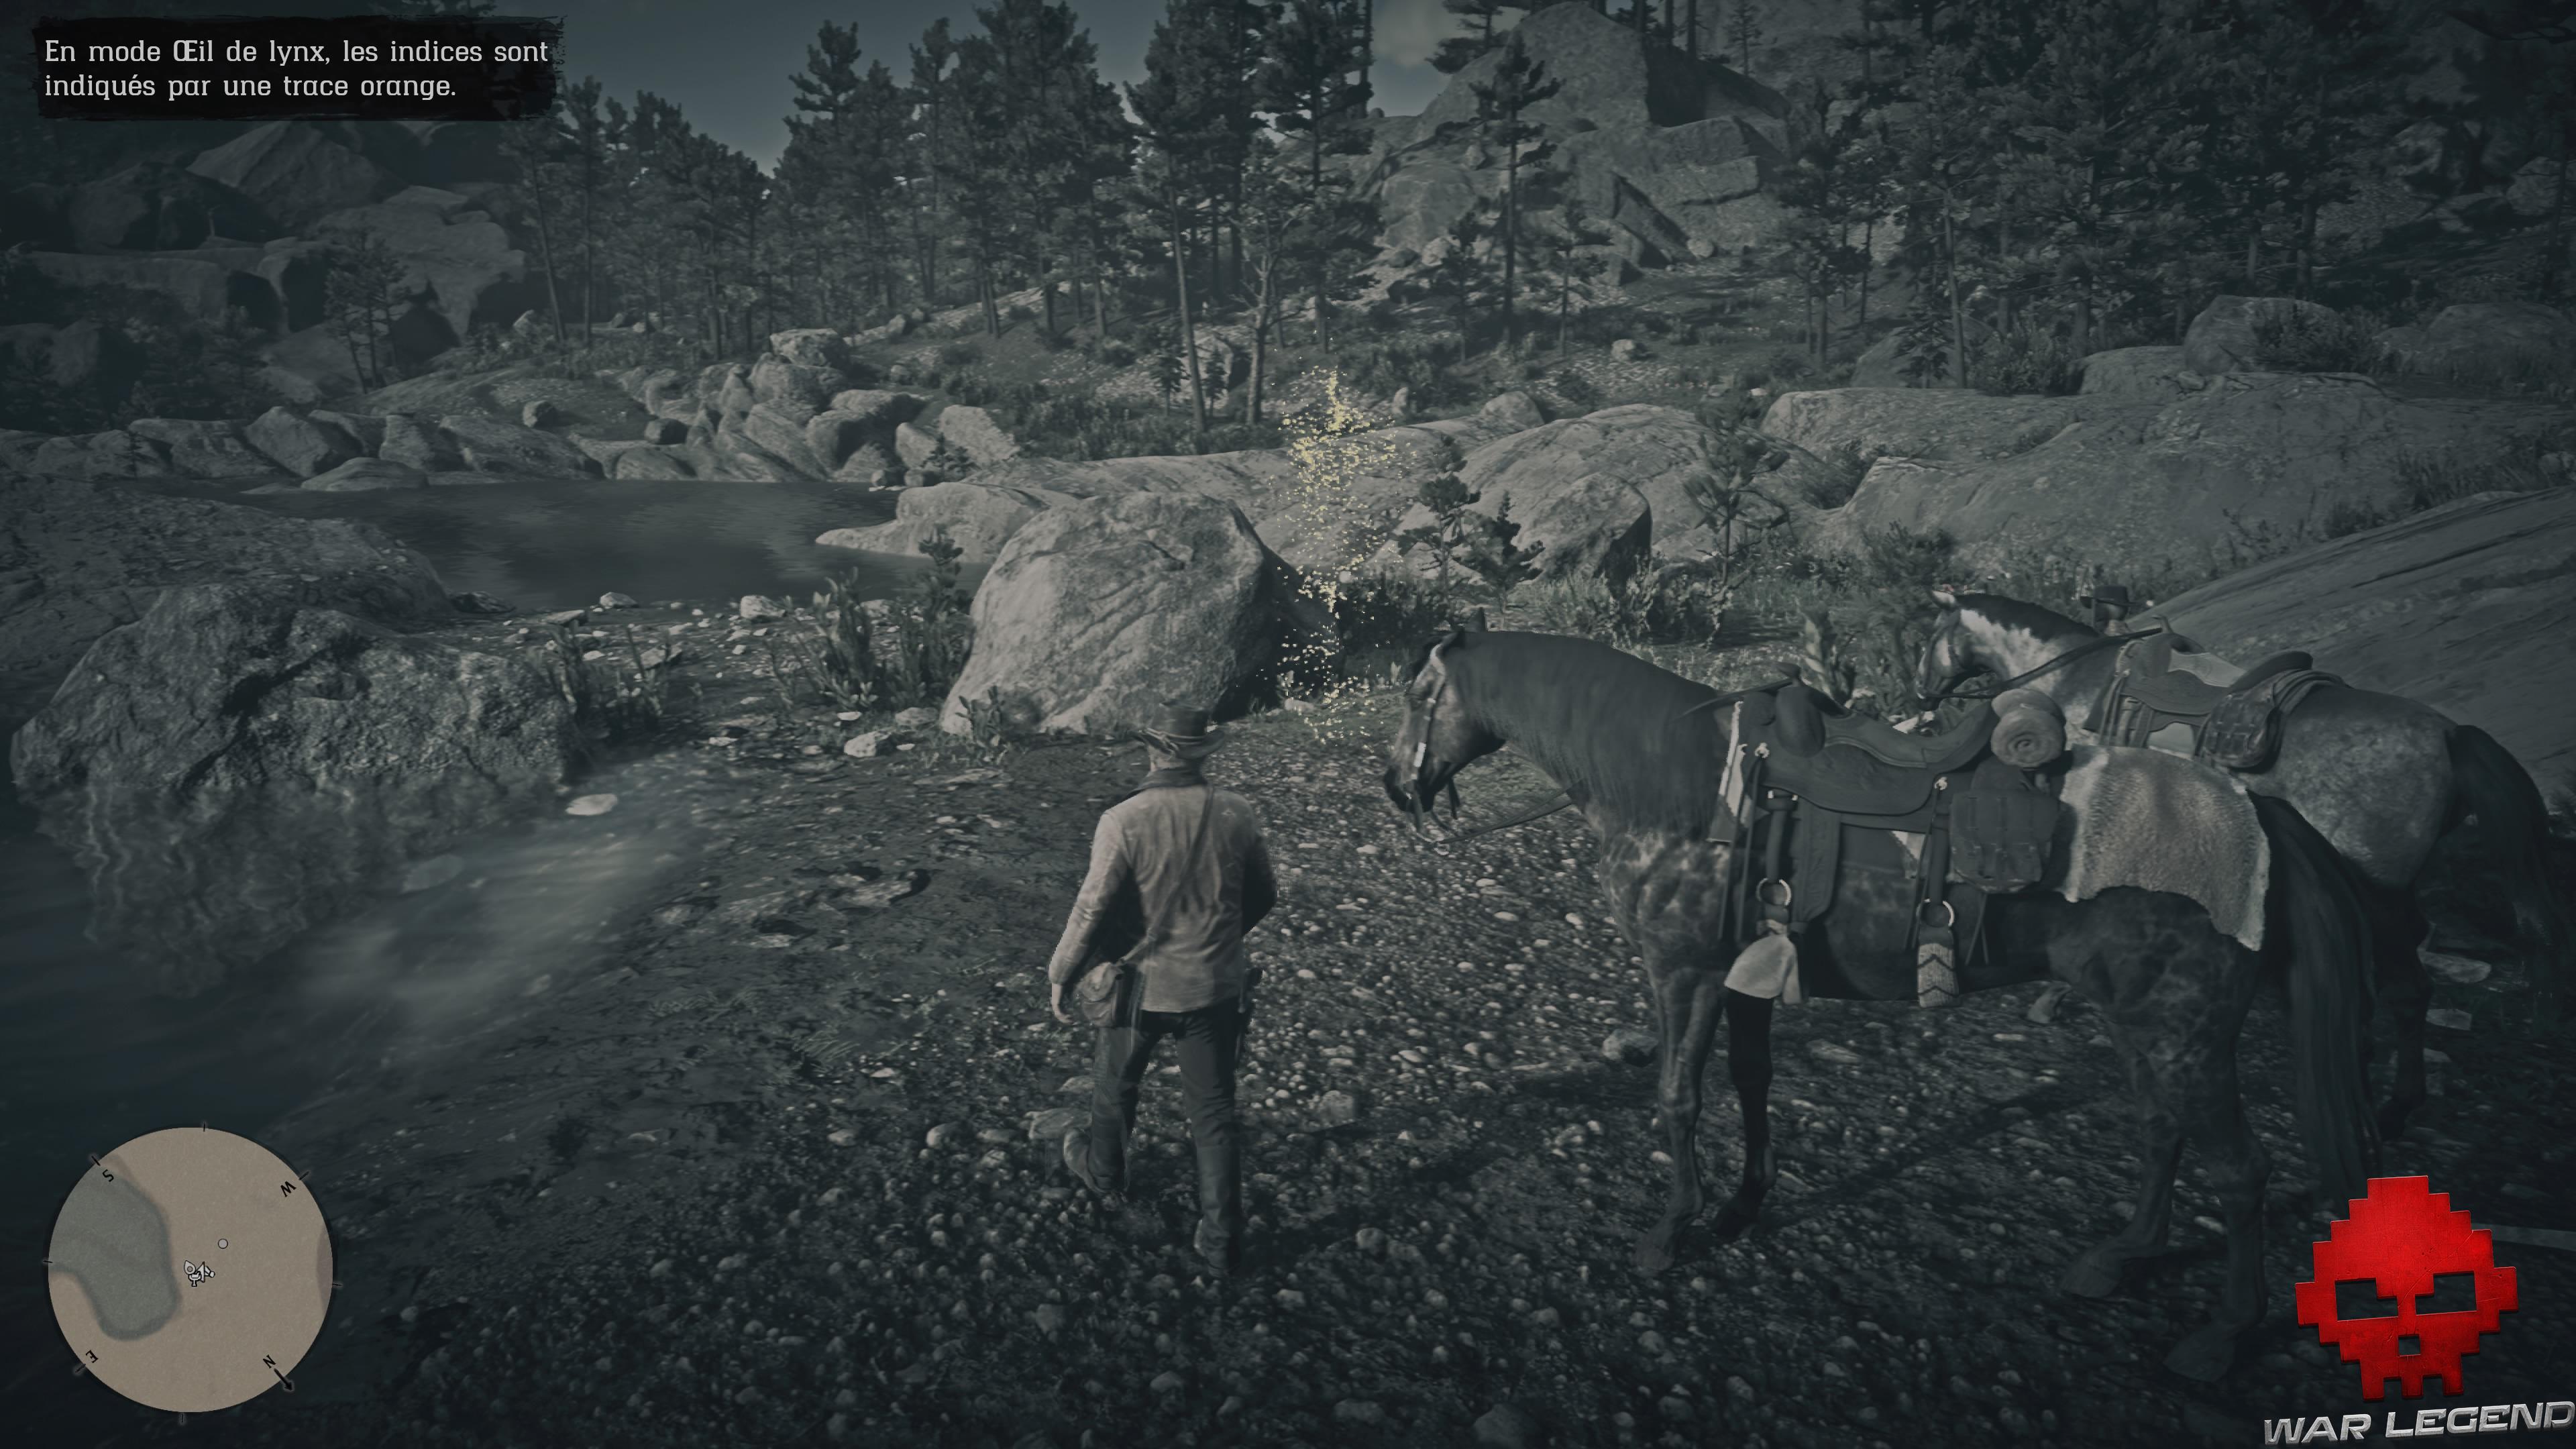 soluce red dead redemption 2 une blessure d'amour-propre piste ours près du lac